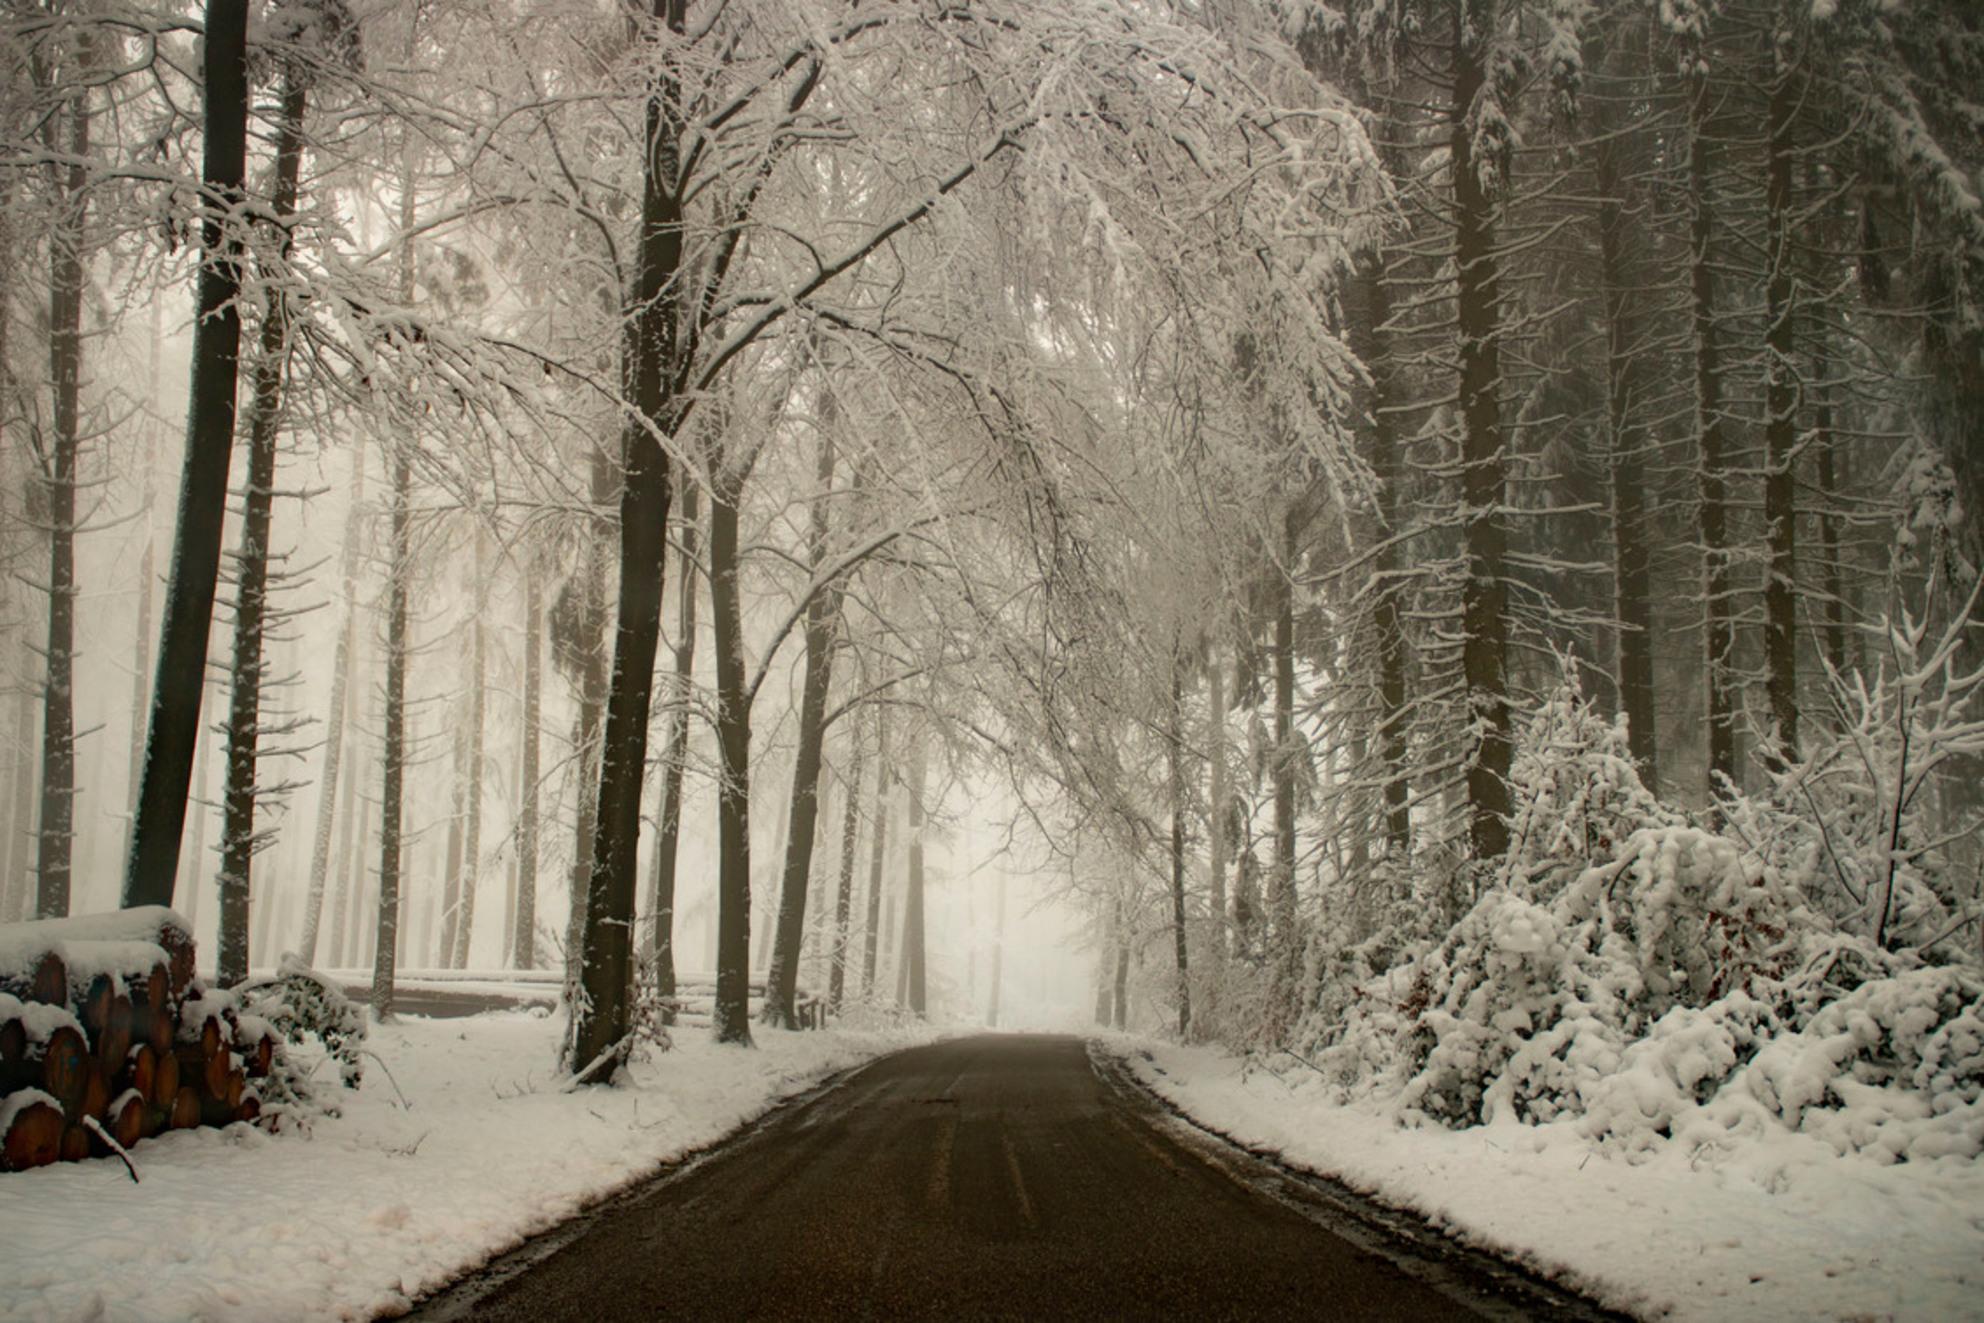 Onderweg.. - Vijlenerbos, Vijlen, Zuid-Limburg in de sneeuw. - foto door Carla34 op 29-01-2021 - deze foto bevat: straat, natuur, sneeuw, winter, landschap, bos, bomen, vijlen, vijlenerbos, zuid-limburg